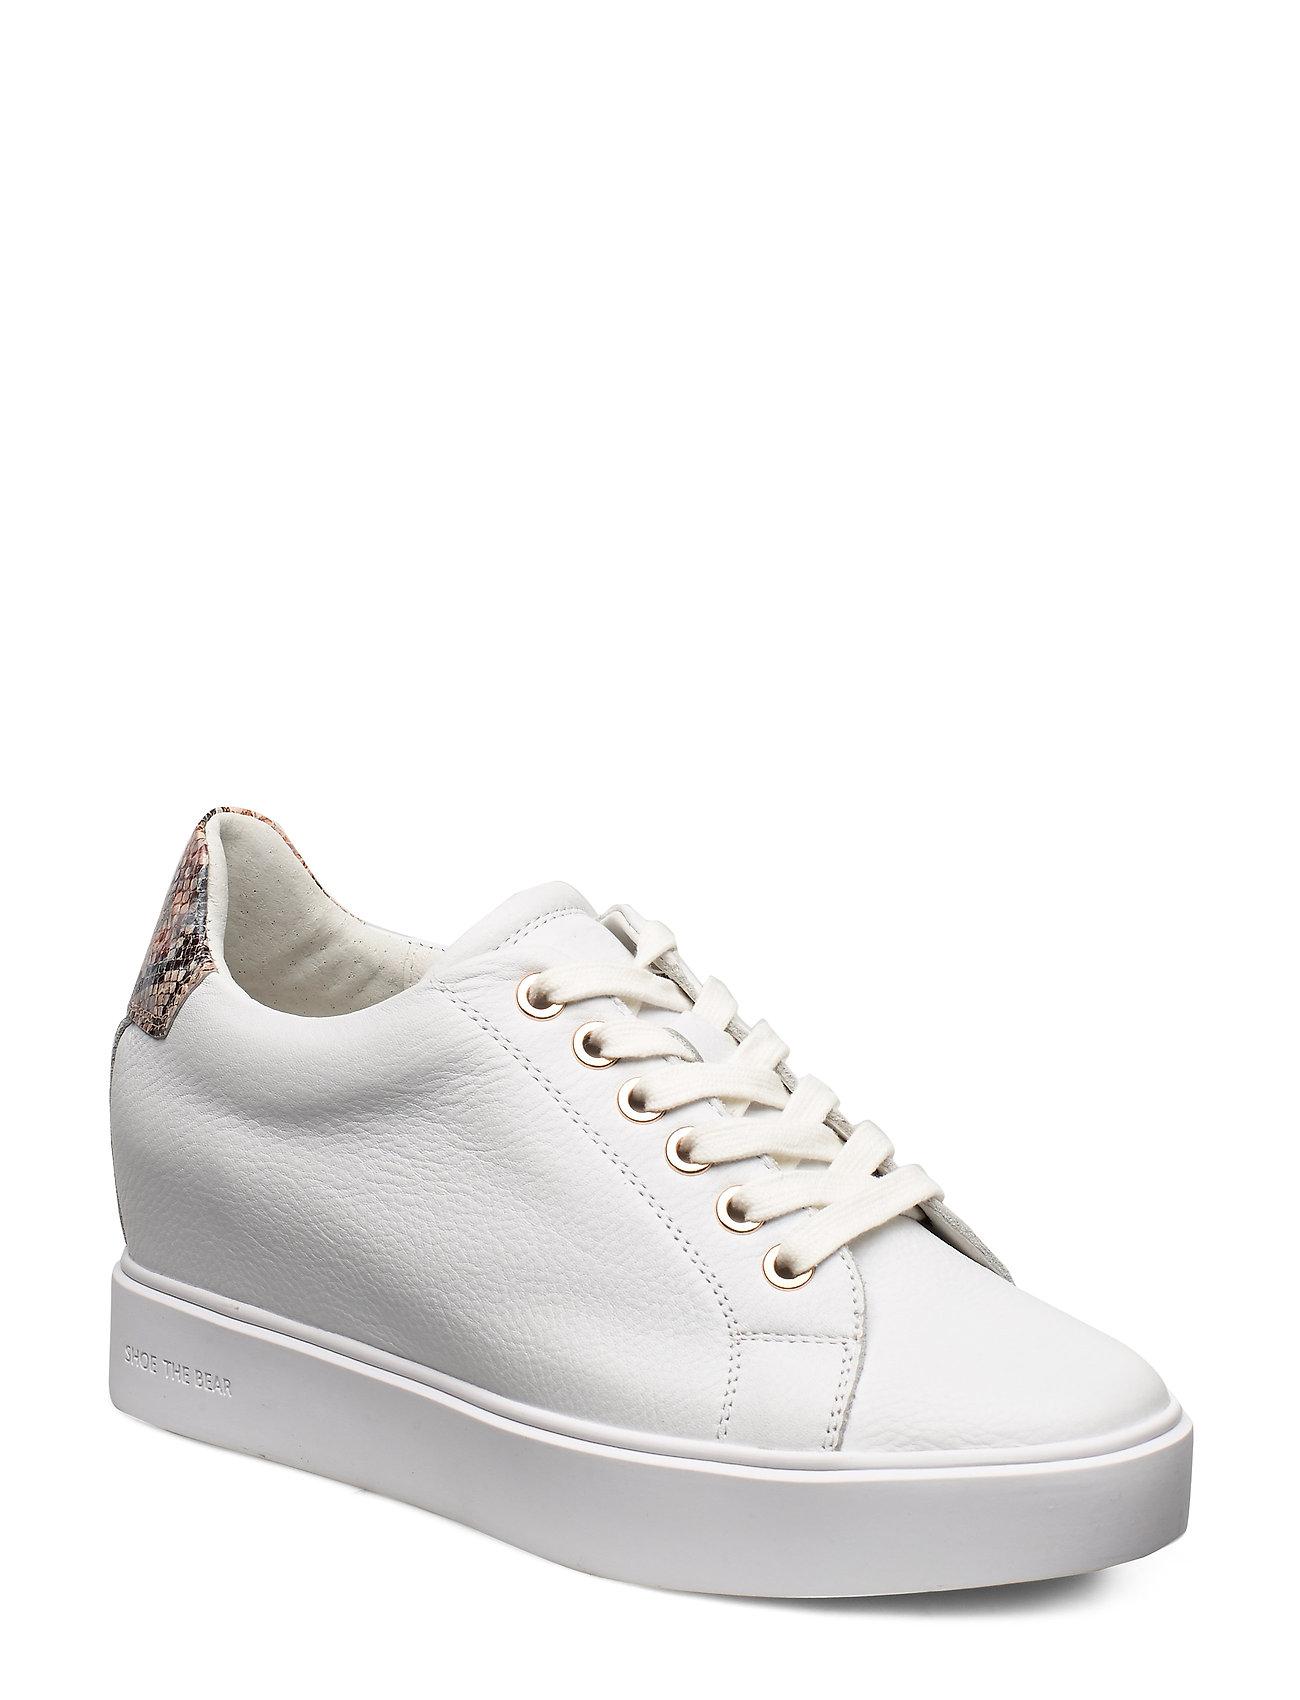 Image of Ava Grain Low-top Sneakers Hvid Shoe The Bear (3334142065)